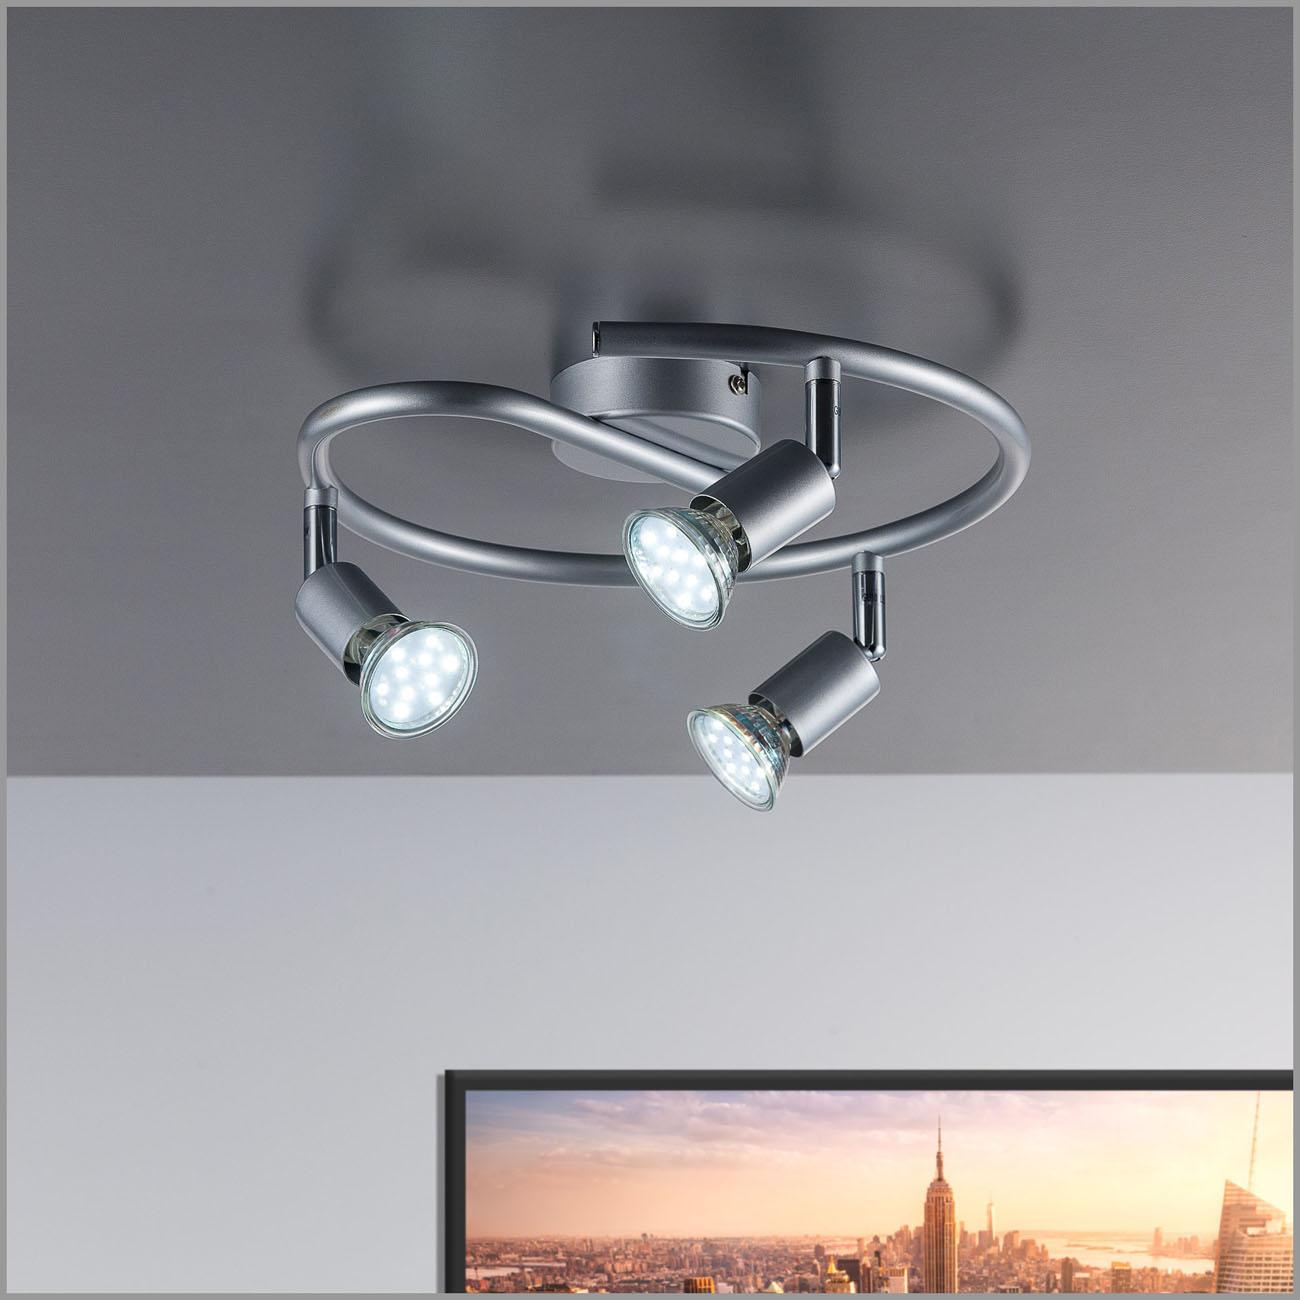 LED Deckenstrahler Deckenspot 3-flammig rund - 2